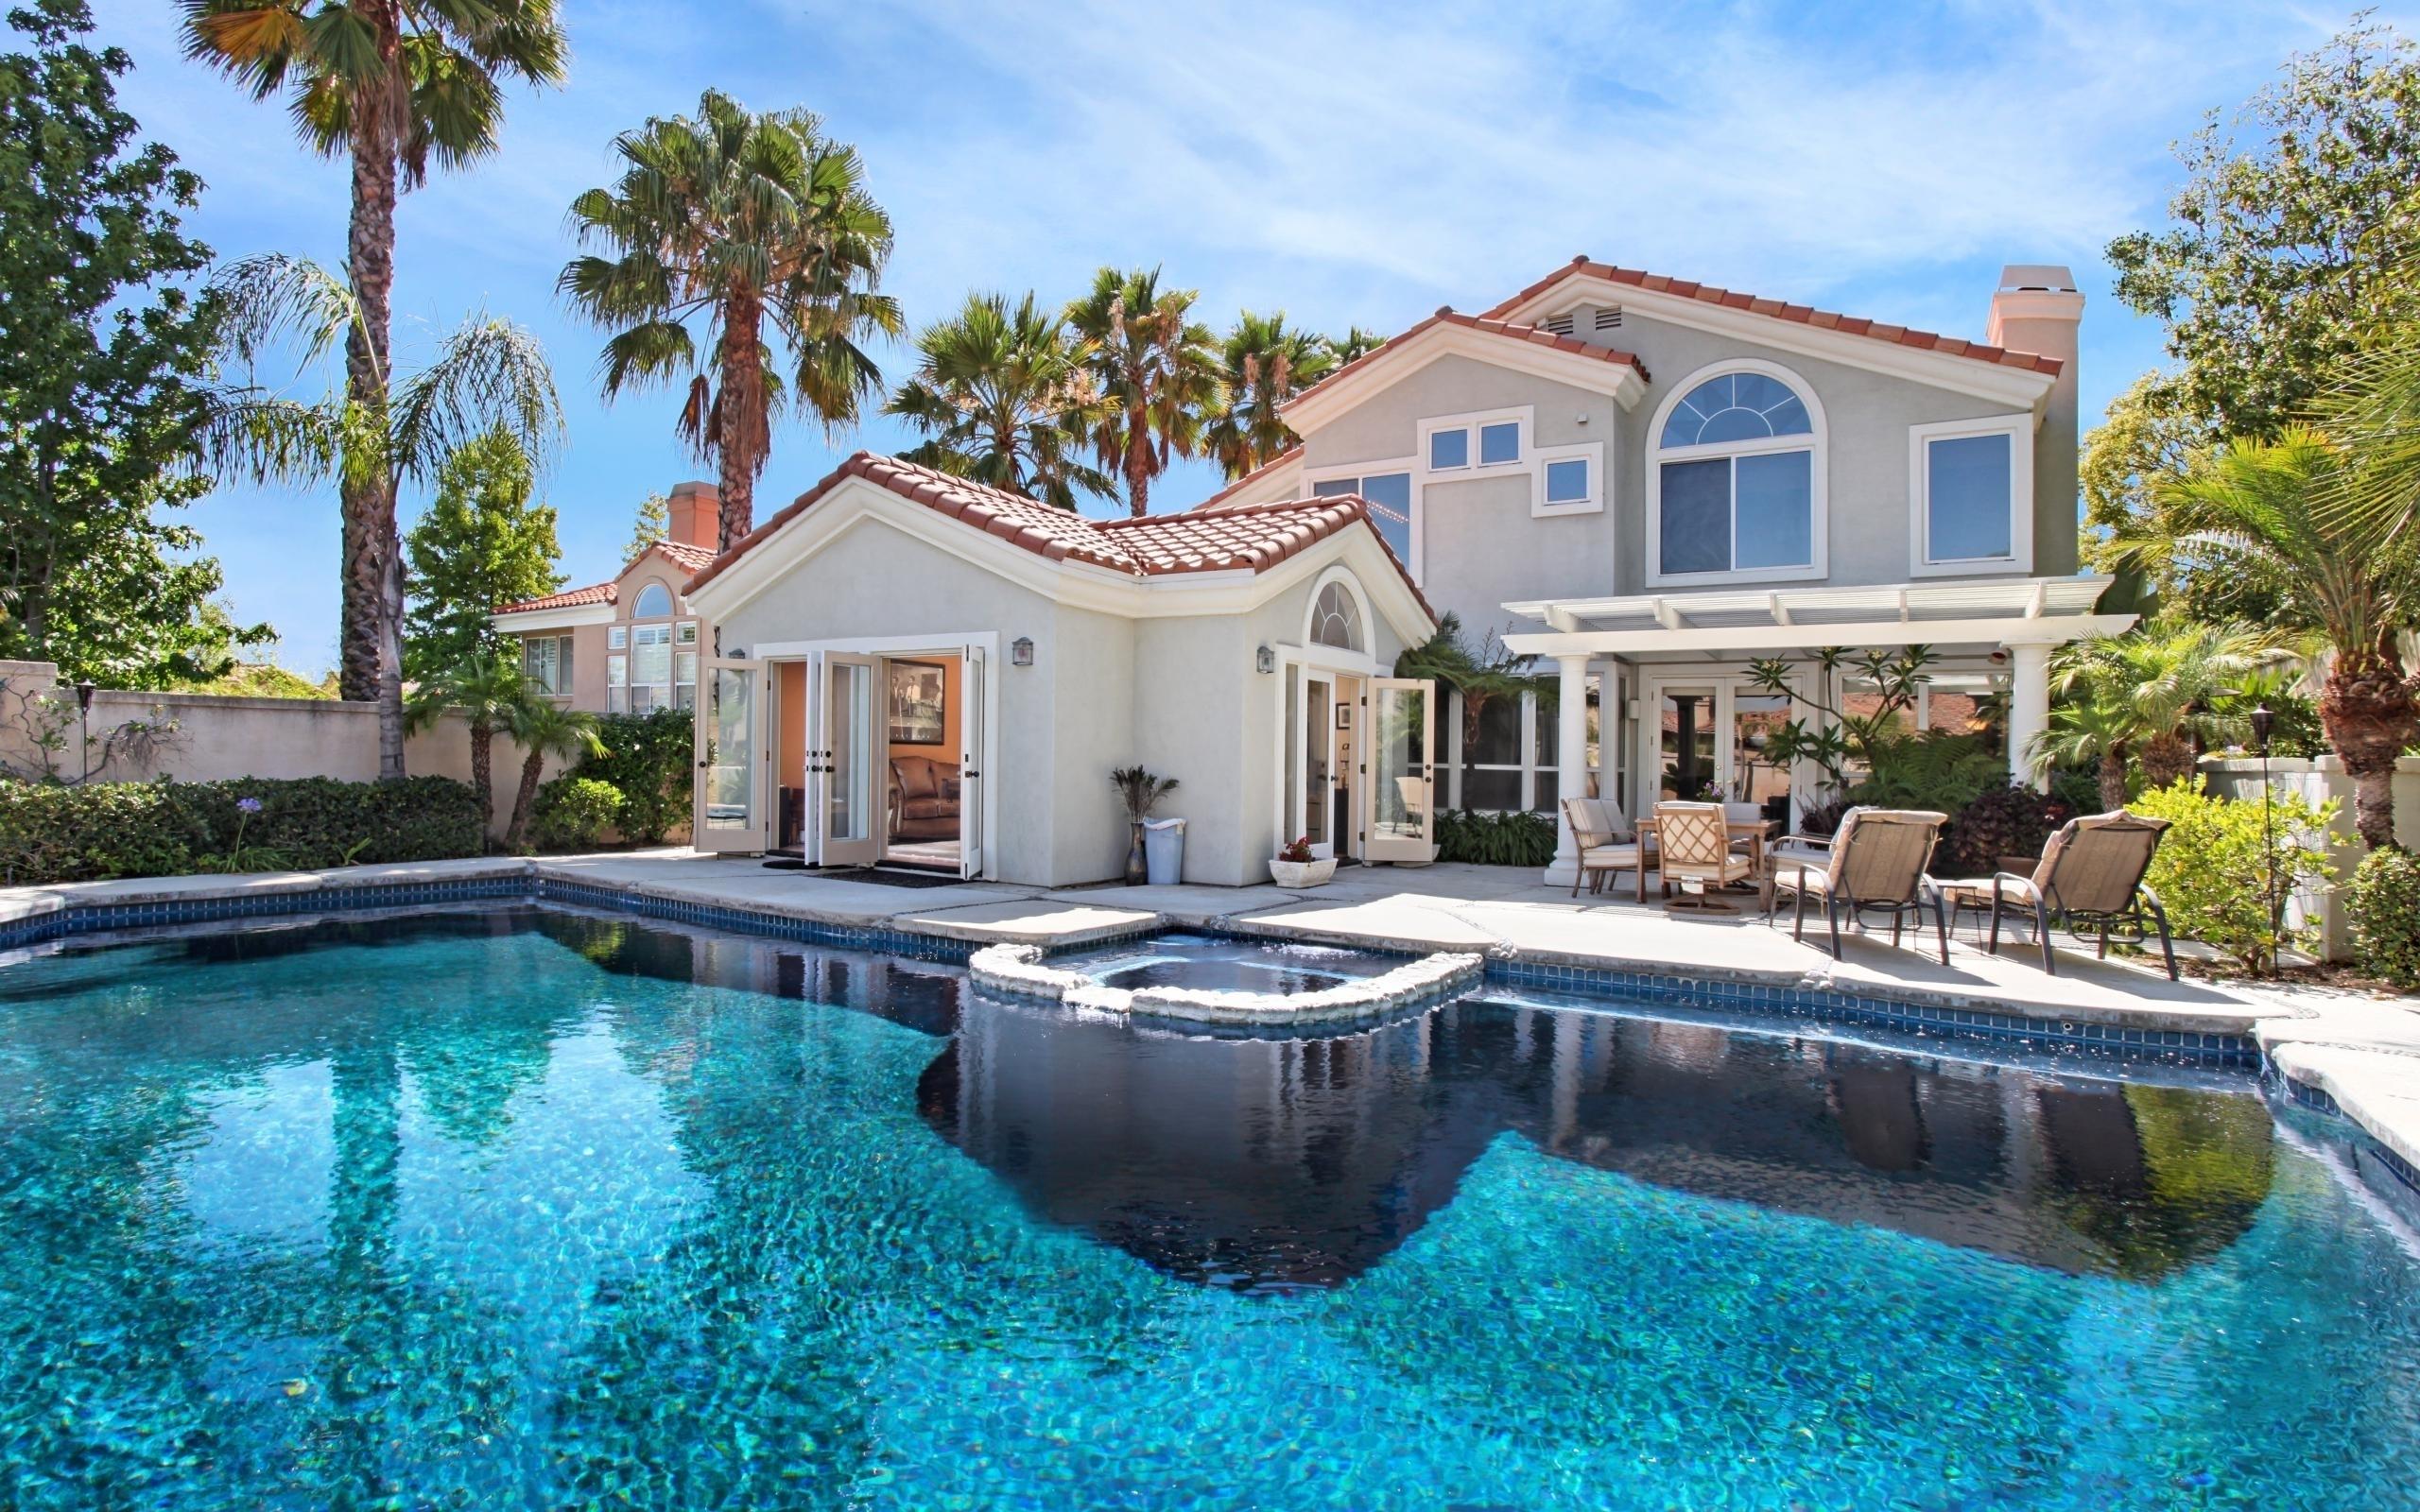 Beautiful House Villa Swimming Pool Lounge Chairs HD Wallpaper 2560x1600